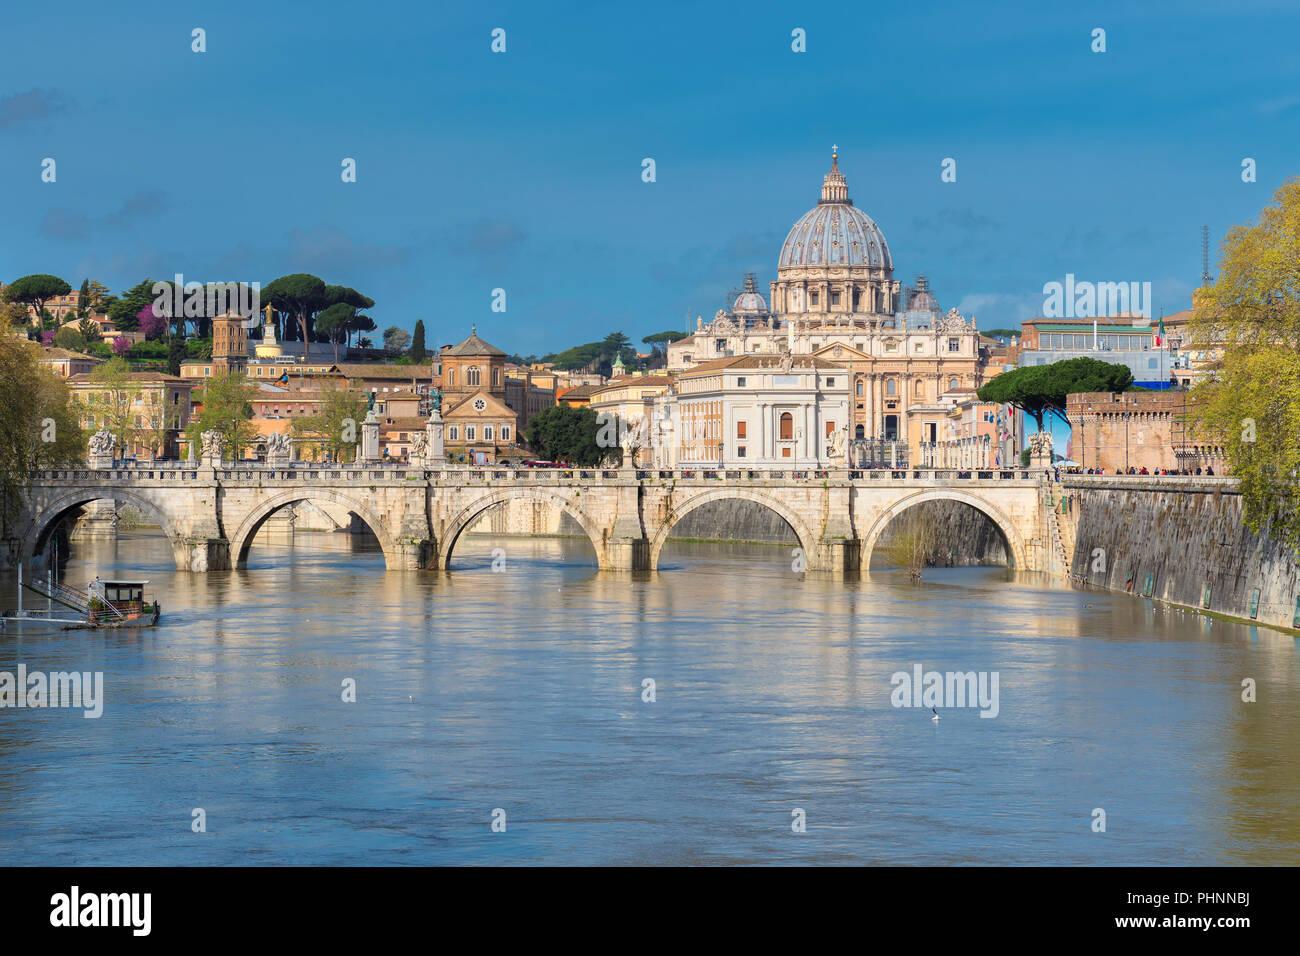 Hermosa vista a la catedral de San Pedro con puente en el Vaticano, Roma, Italia. Imagen De Stock